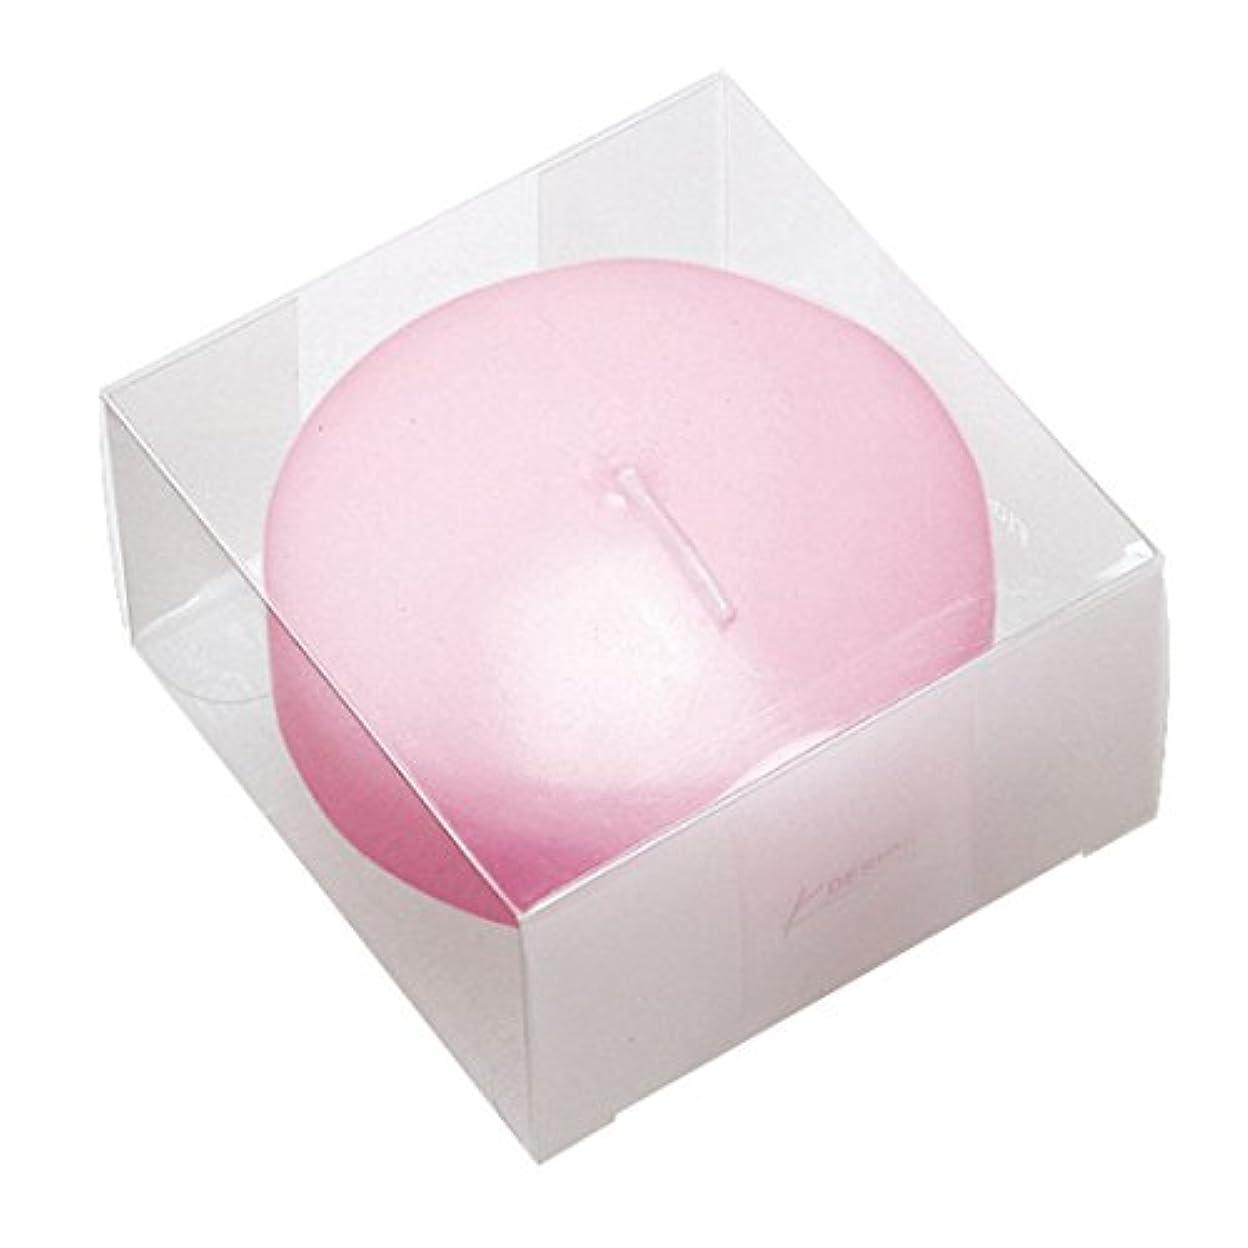 構造中で脆いプール80(箱入り) 「 ピンク 」